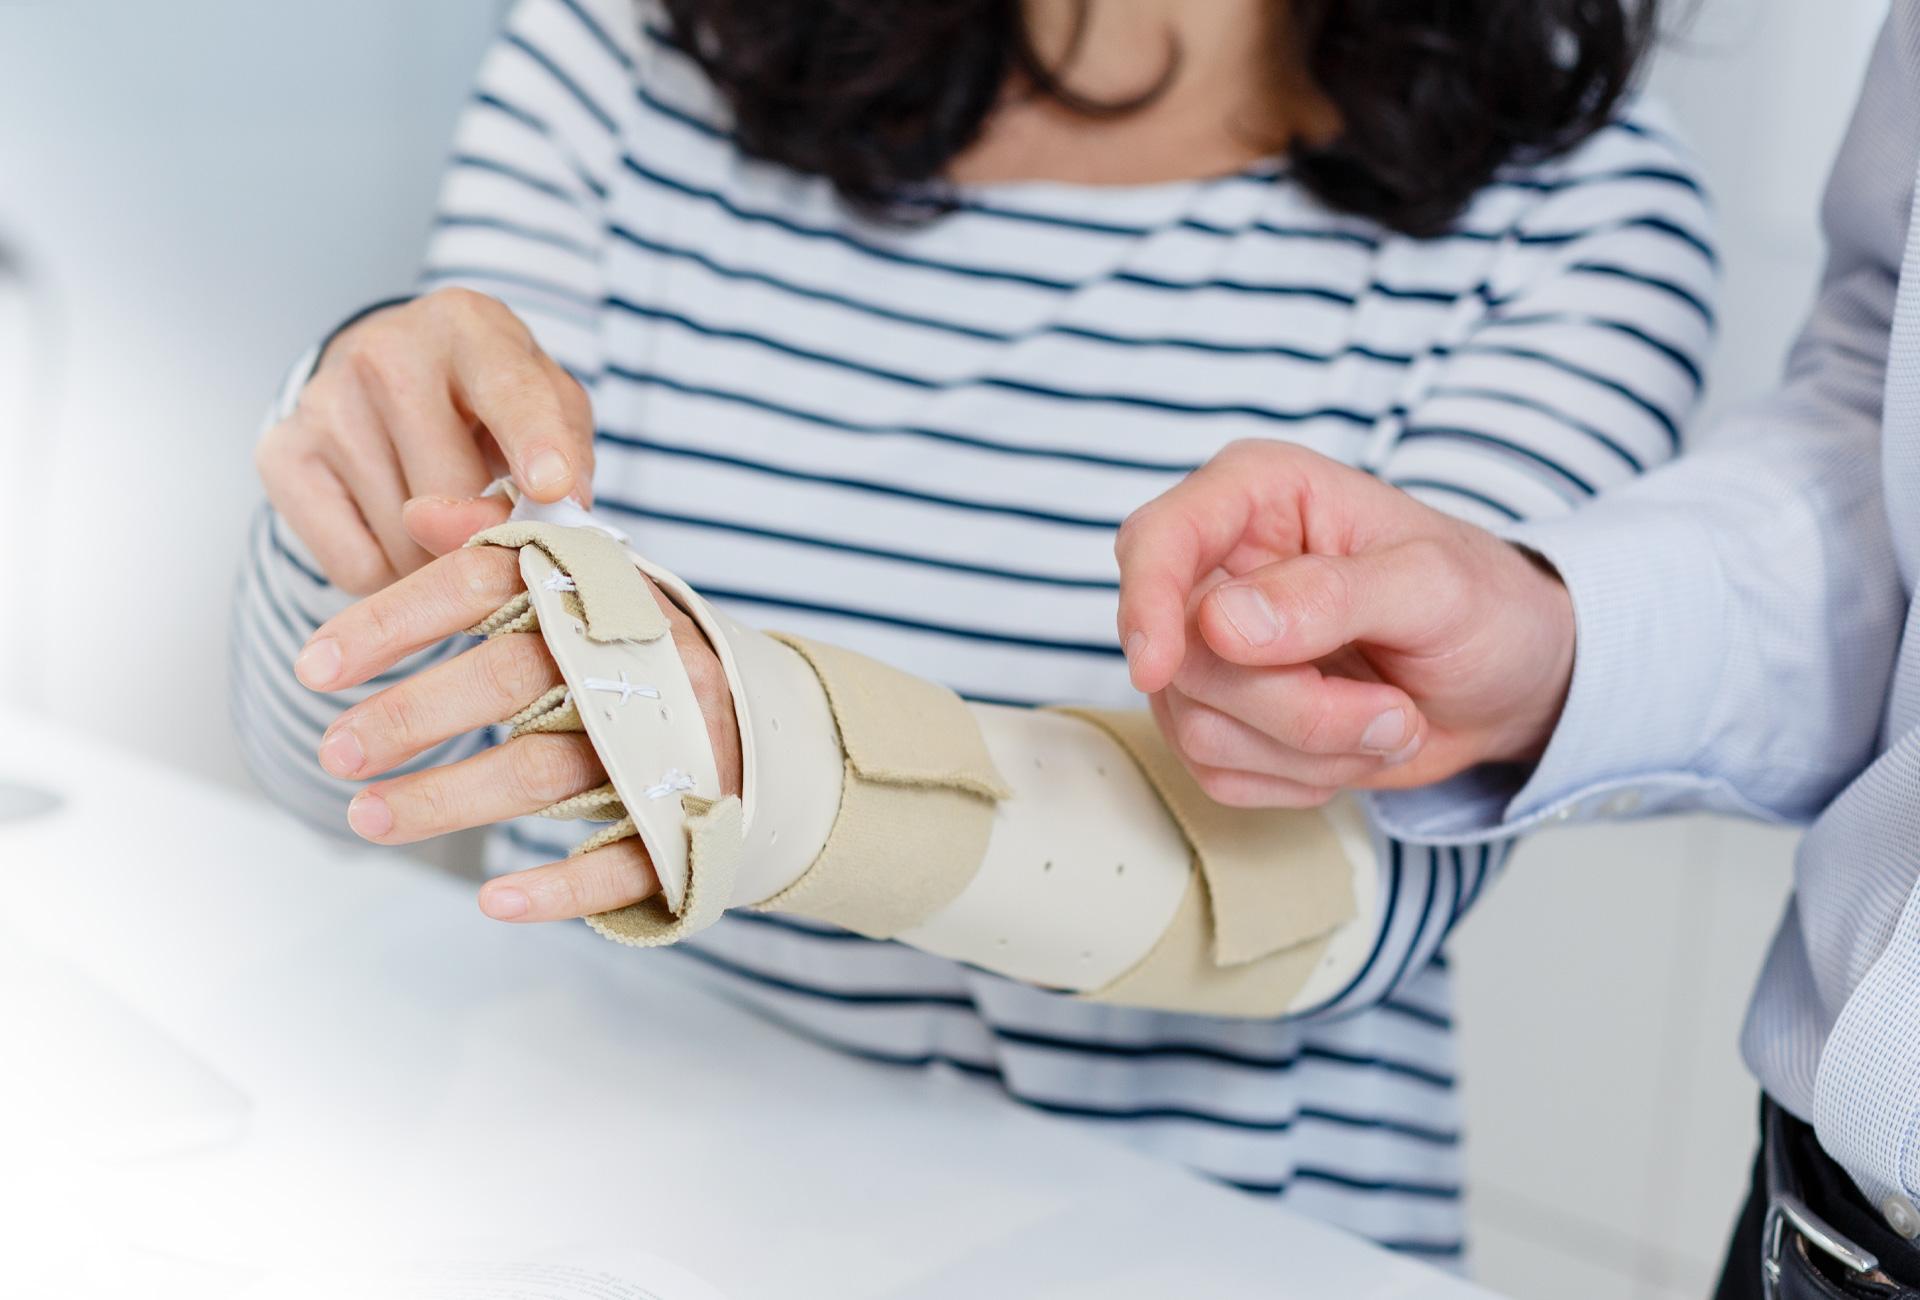 HTC Wrist splint treatment